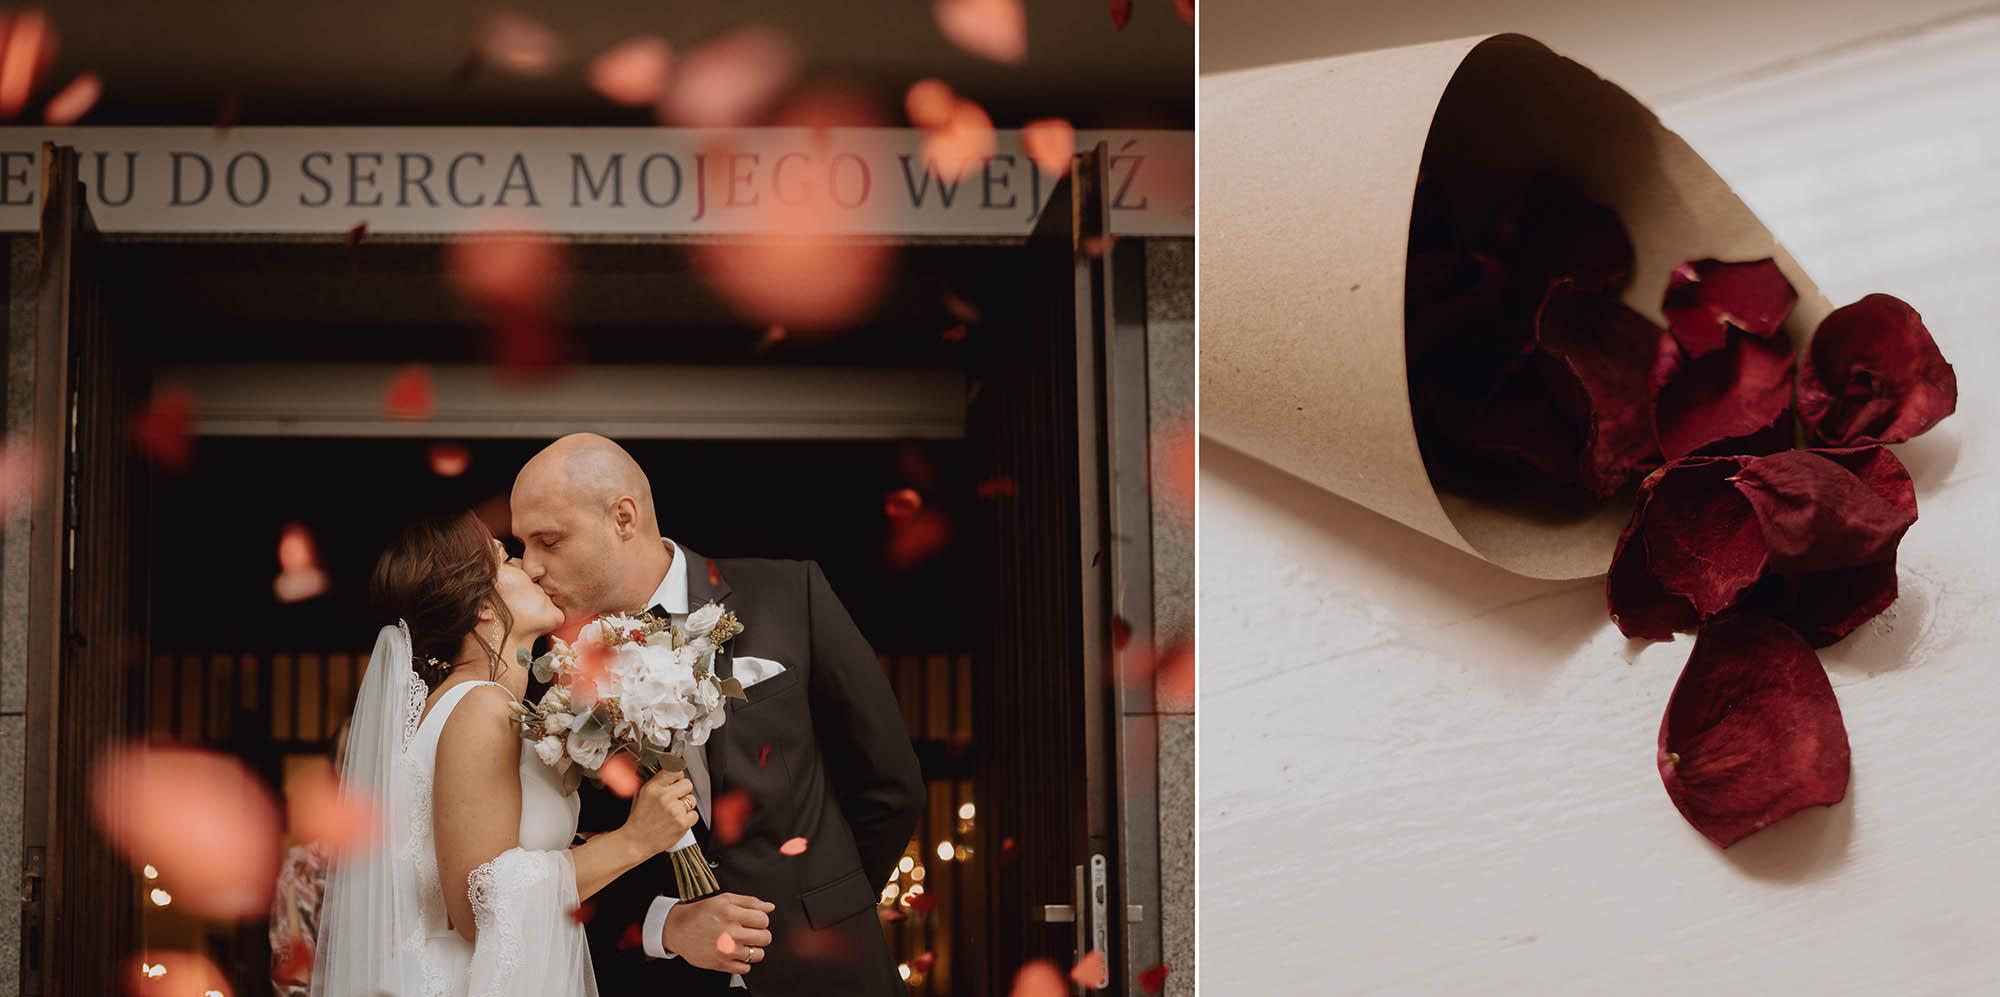 konfetii 216 - 10 niestandardowych rozwiązań, które wyróżnią Twój ślub